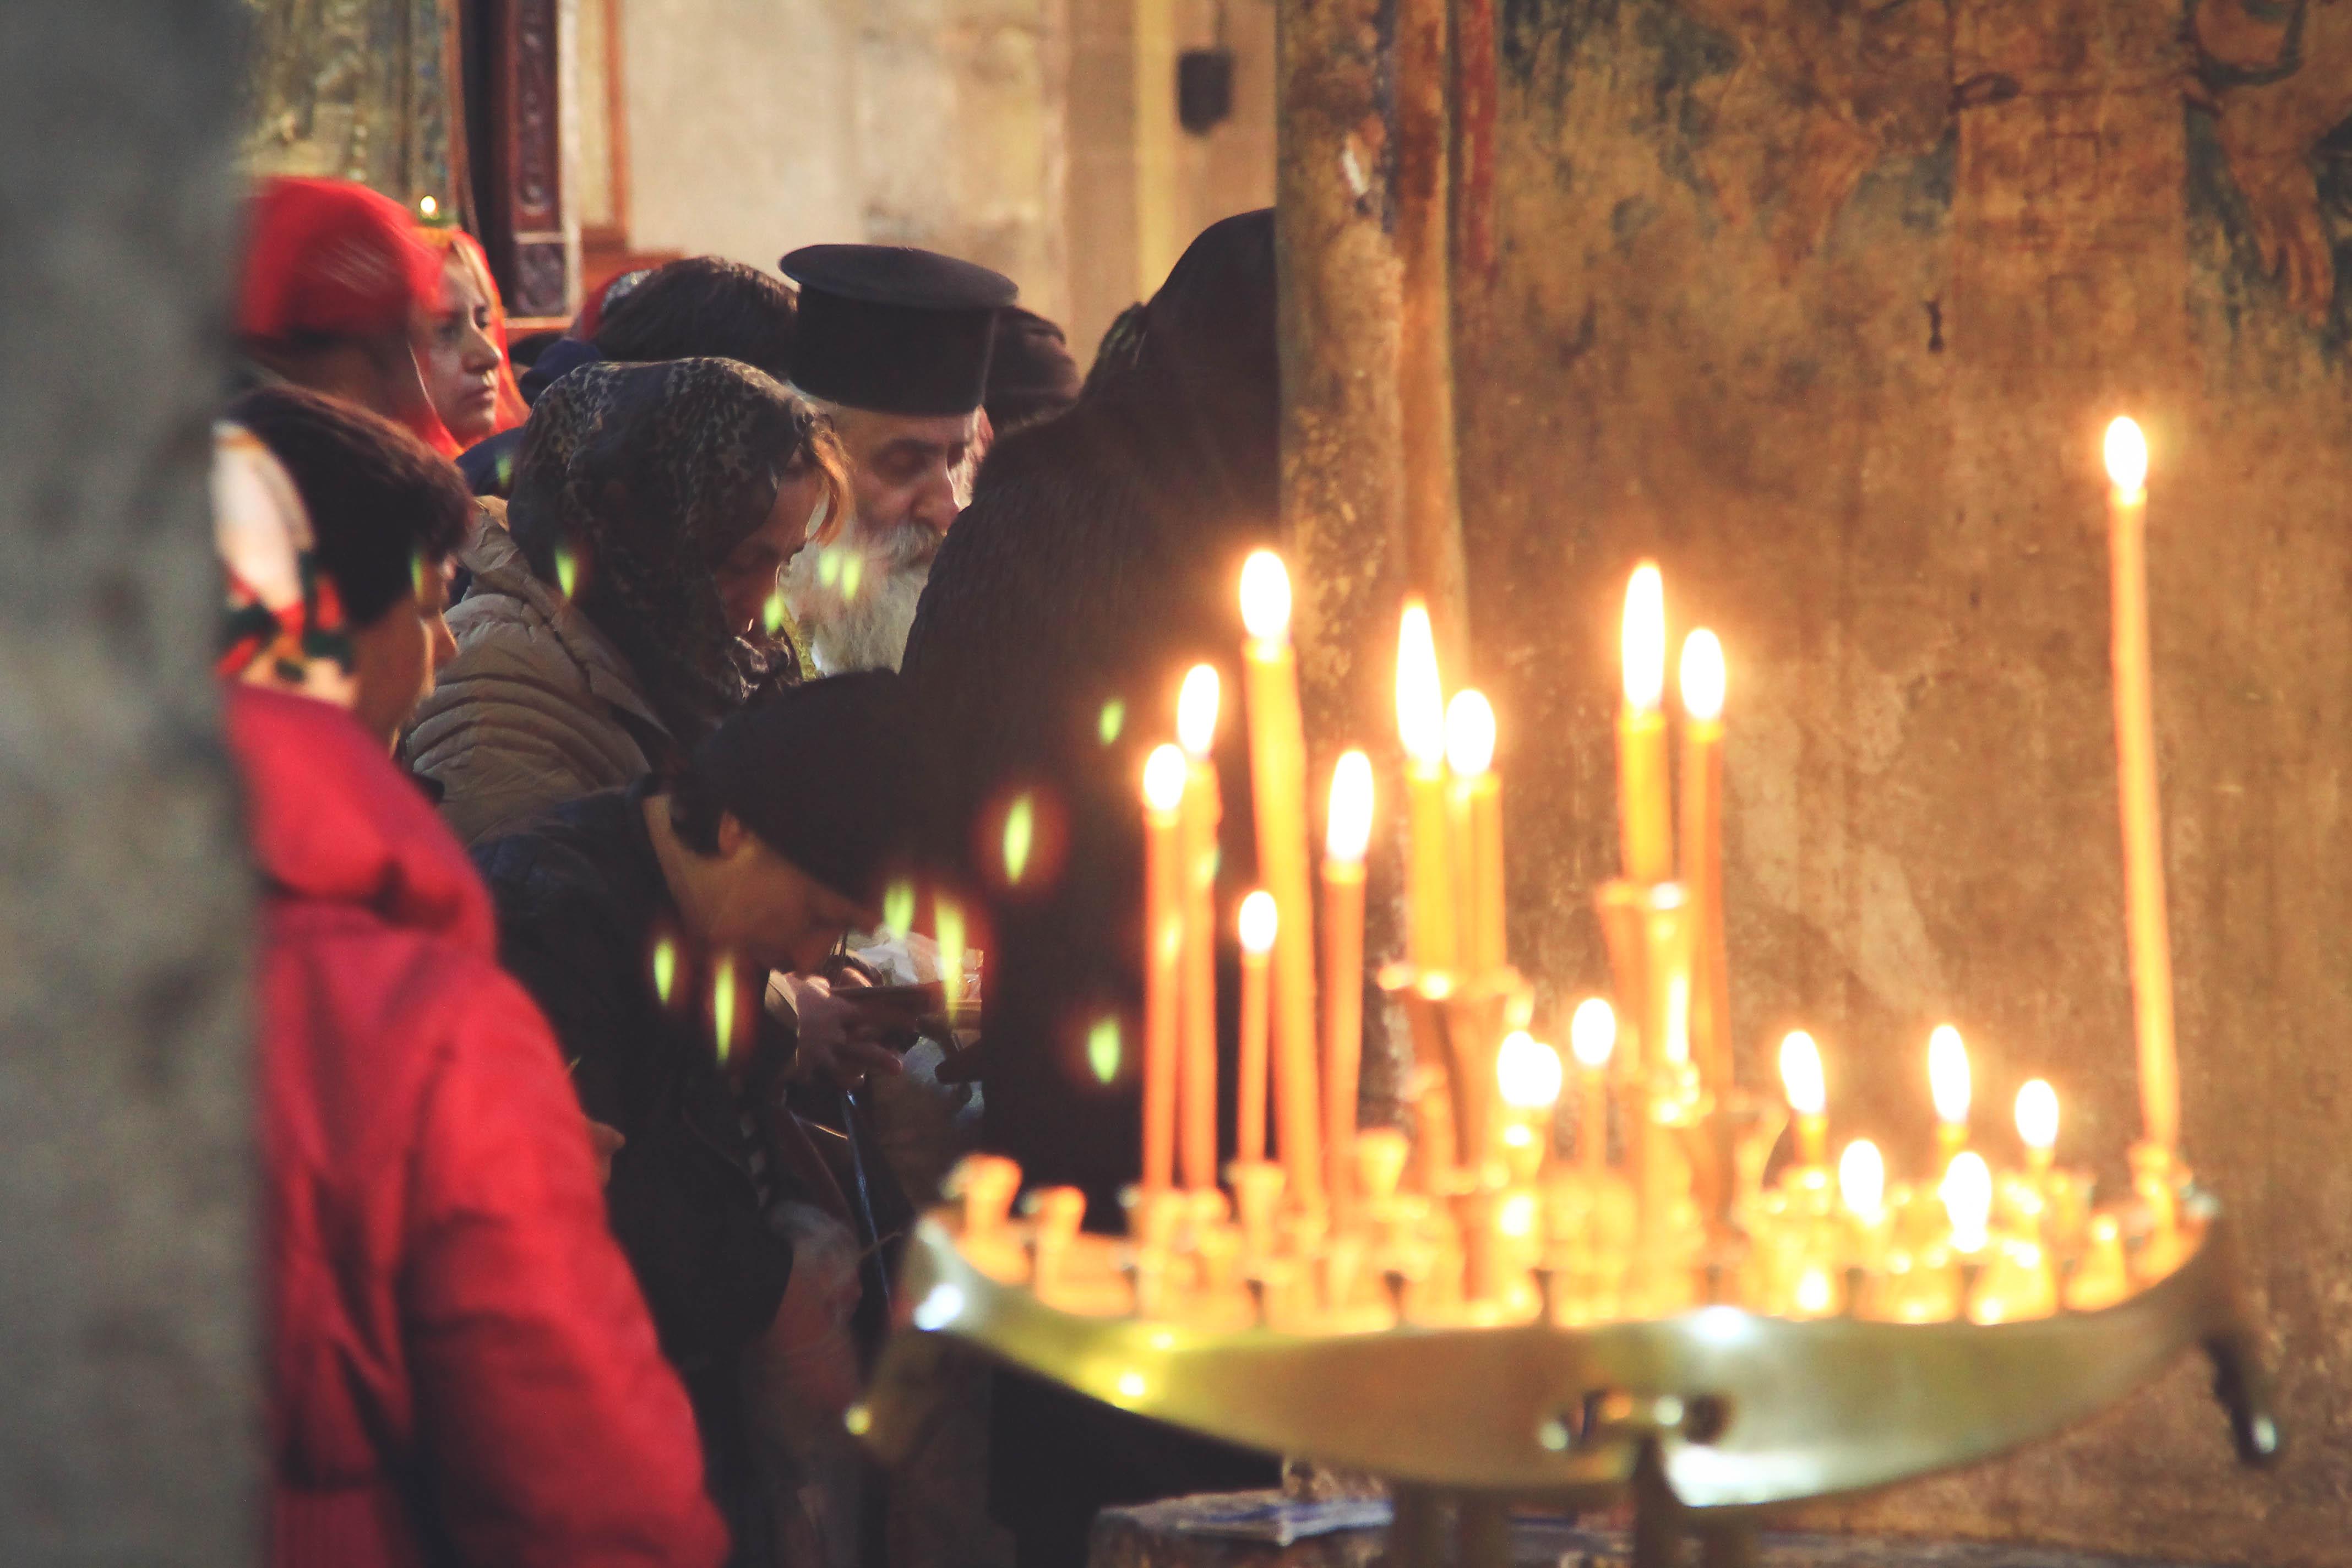 Jeszcze jedno zdjęcie z tegorocznego wyjazdu blogerów do Gruzji. Nabożeństwo w jednym z monastyrów w Tbilisi.